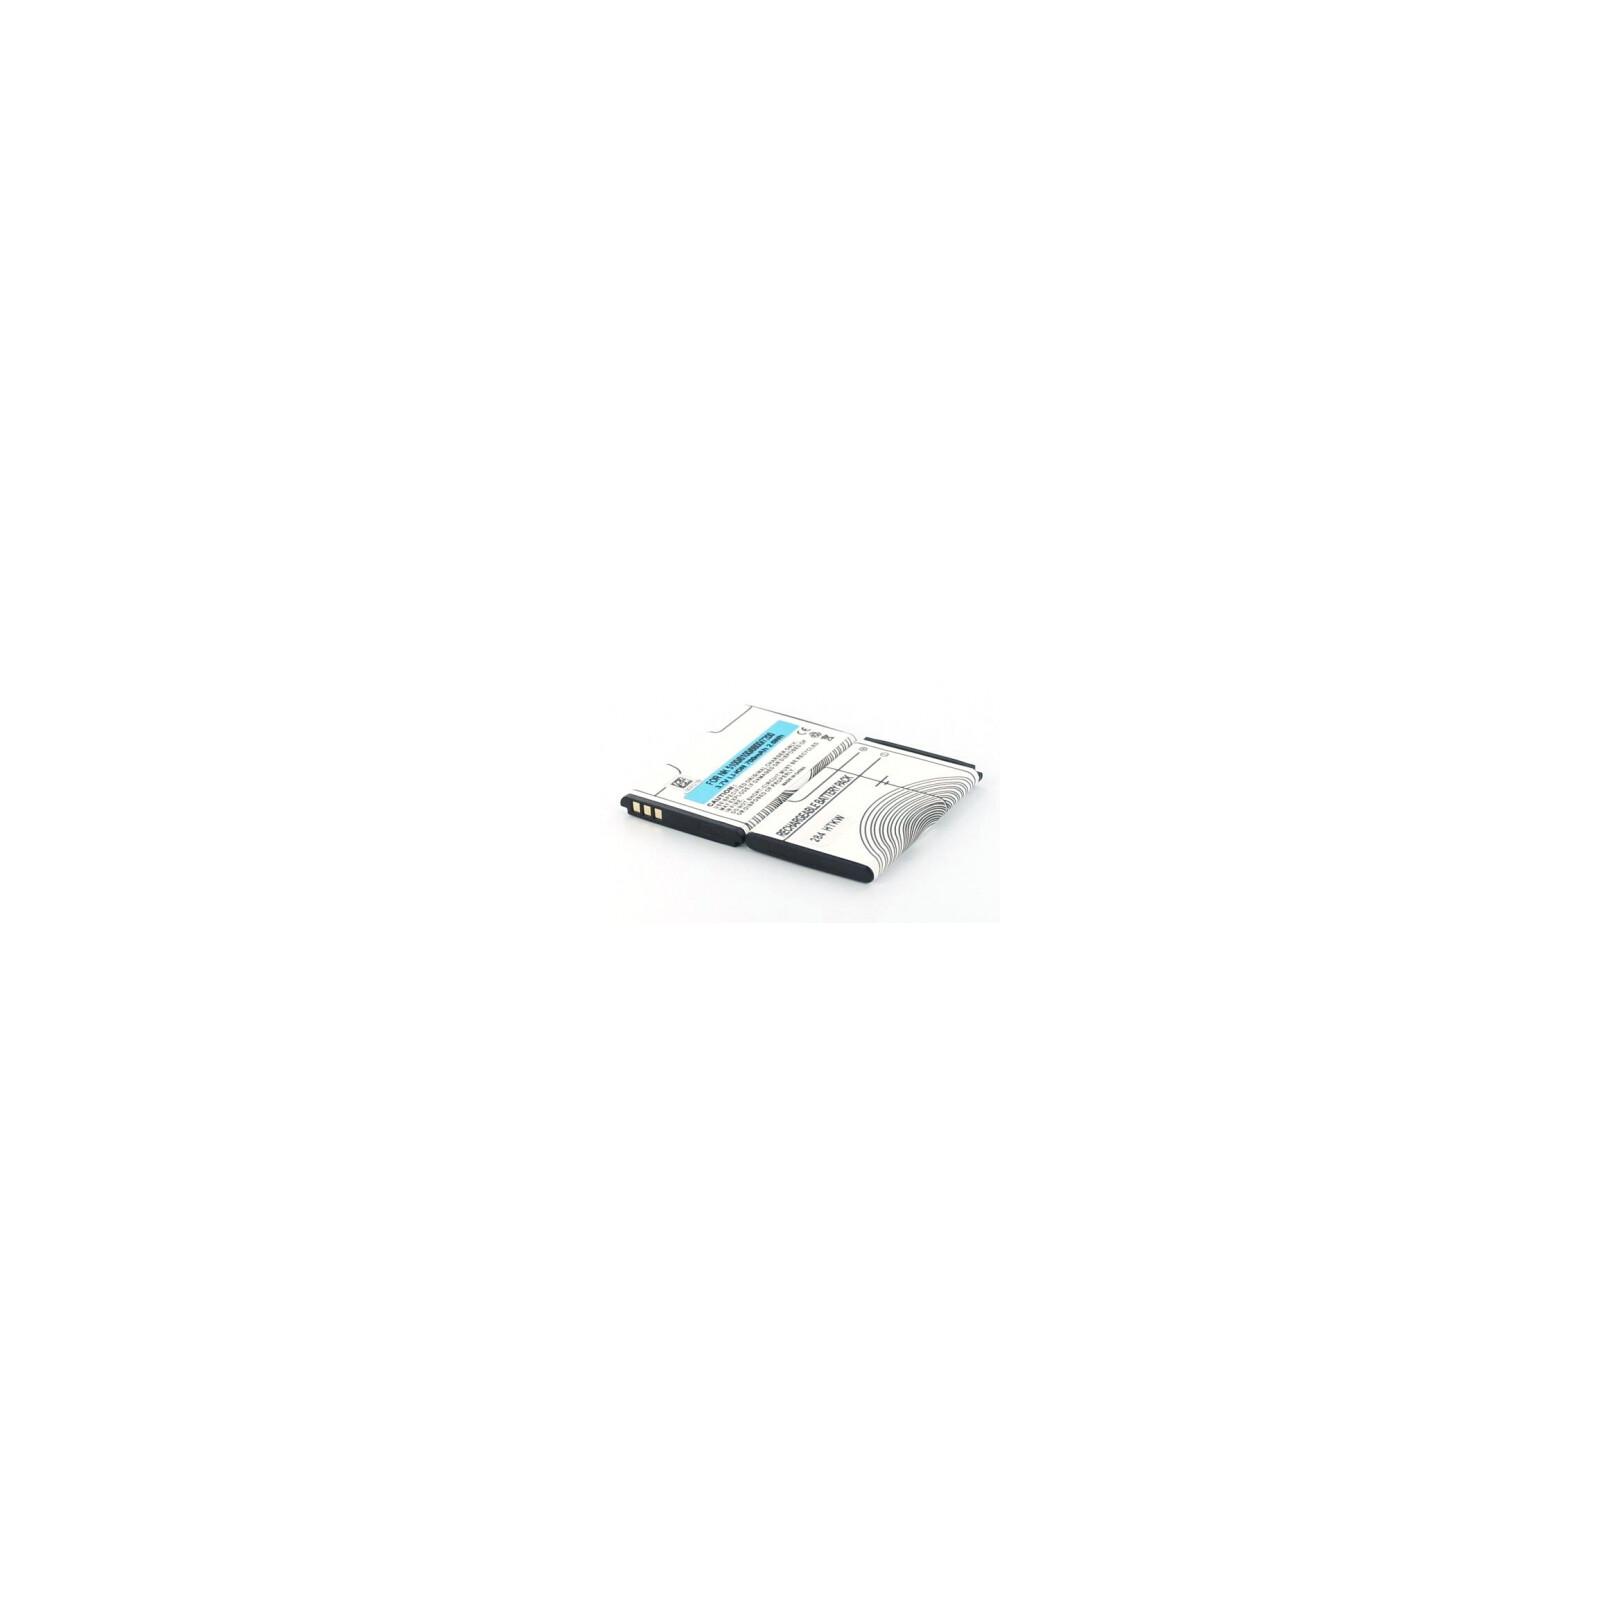 AGI Akku Nokia 6100 700mAh